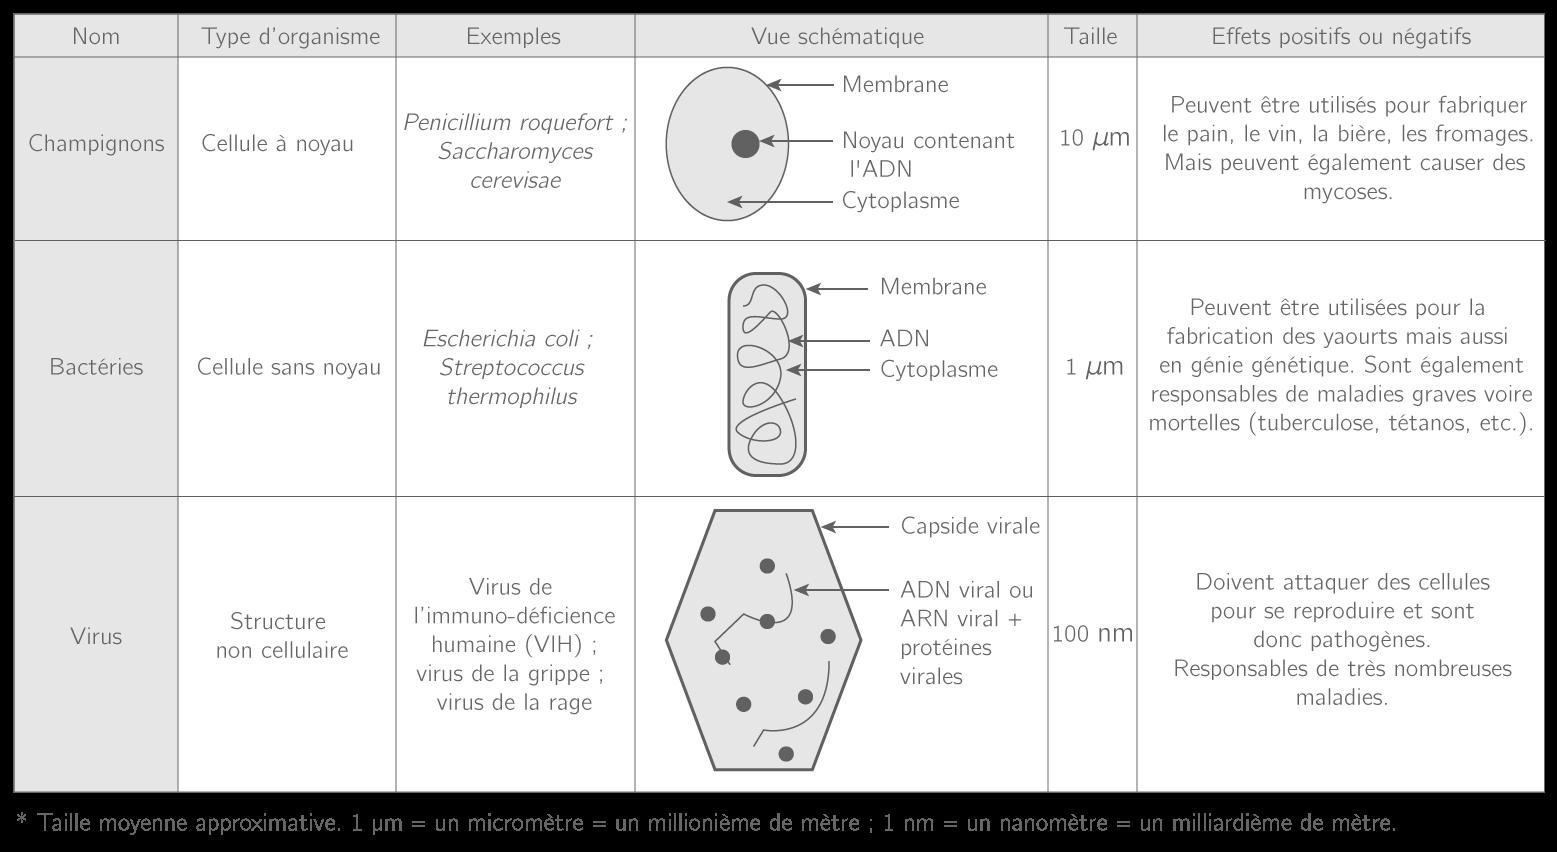 Les trois groupes de micro-organismes